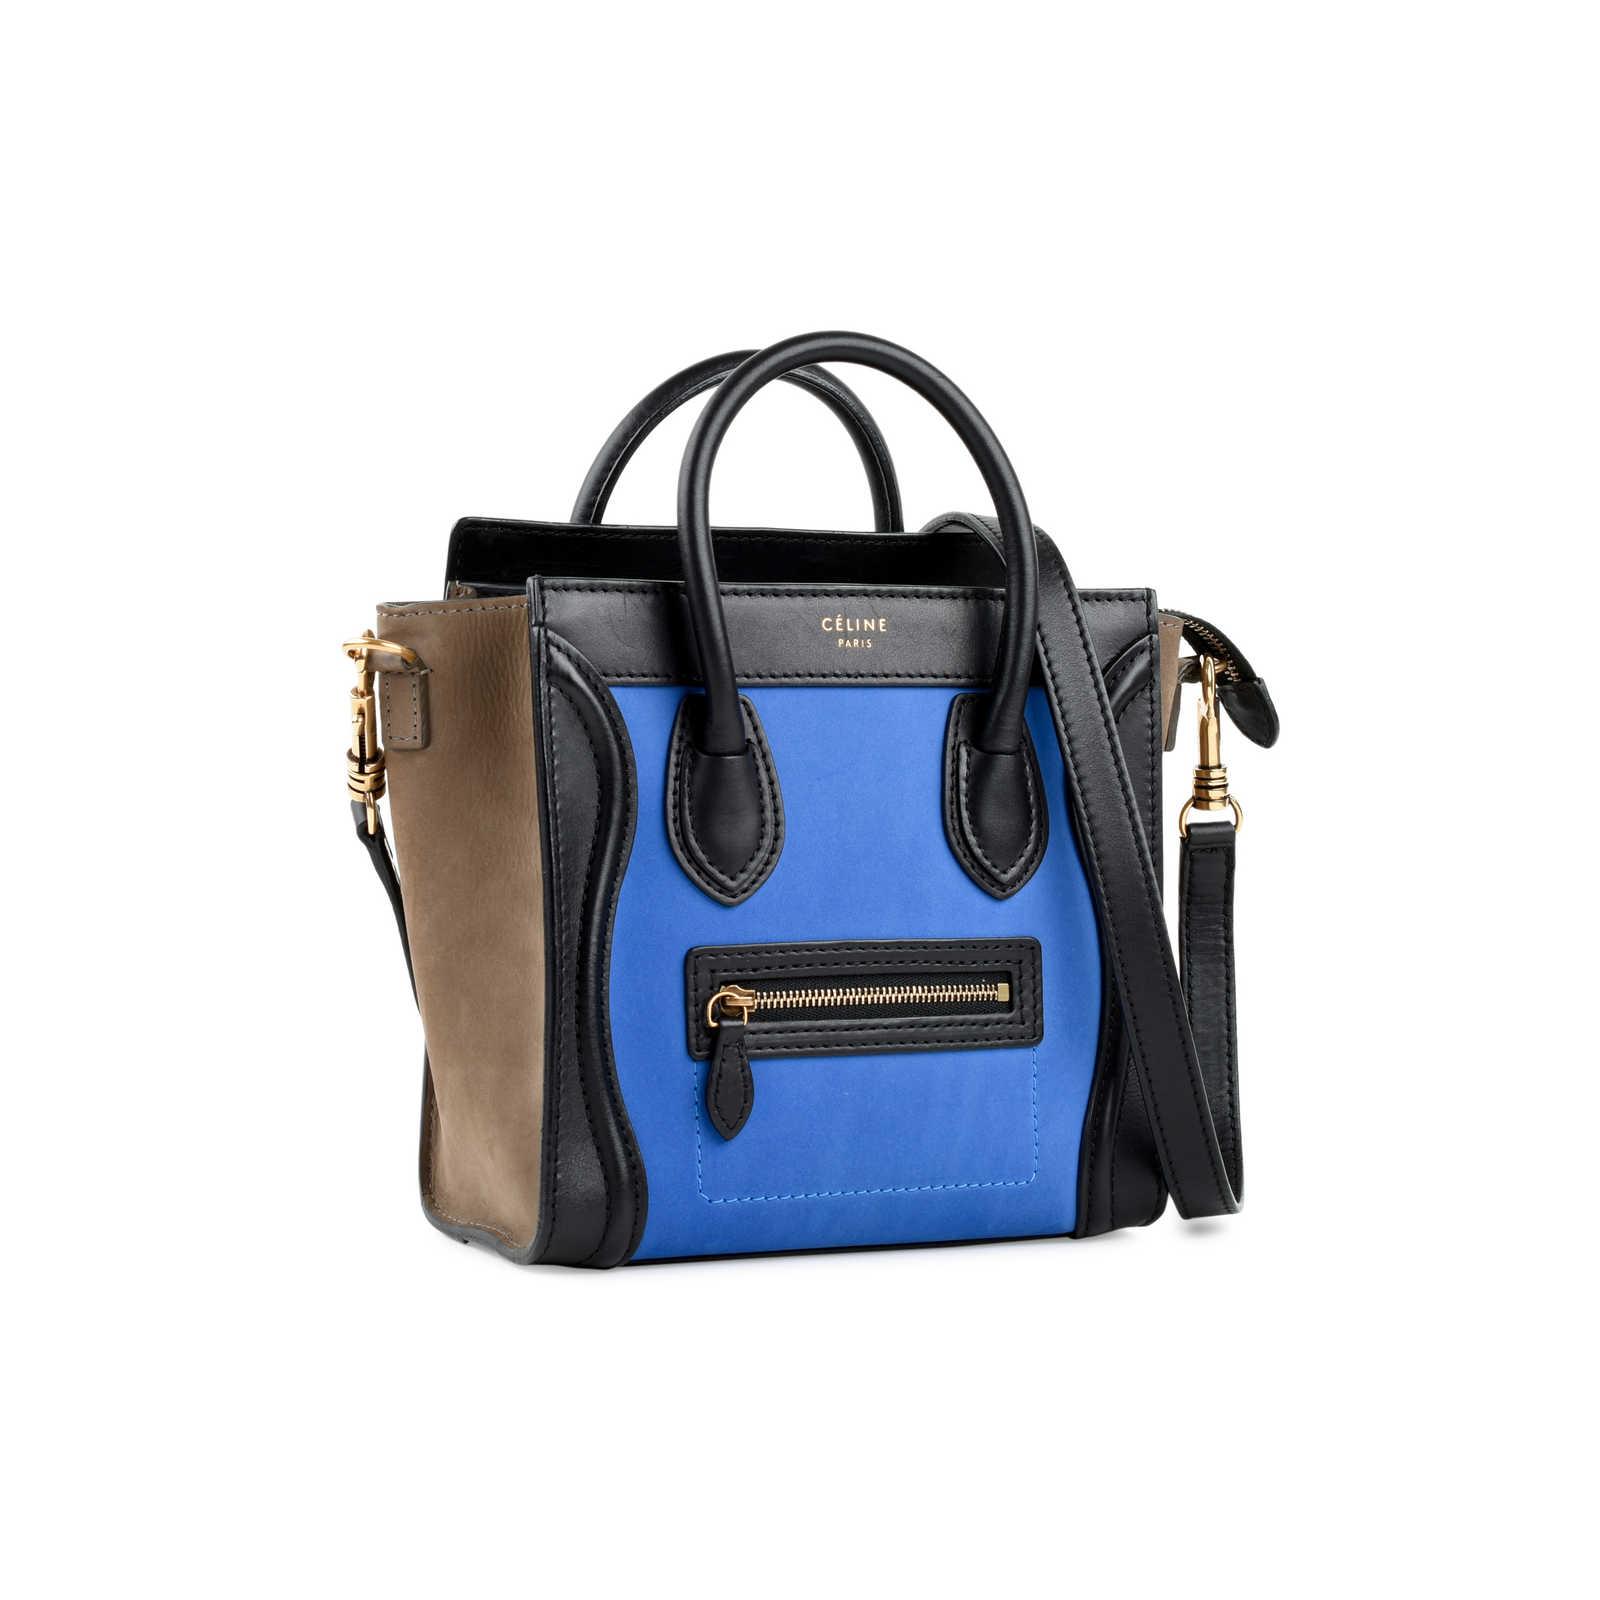 ... Authentic Second Hand Céline Nano Tricolour Luggage Tote  (PSS-470-00006) ... 6ddf89e6009ed